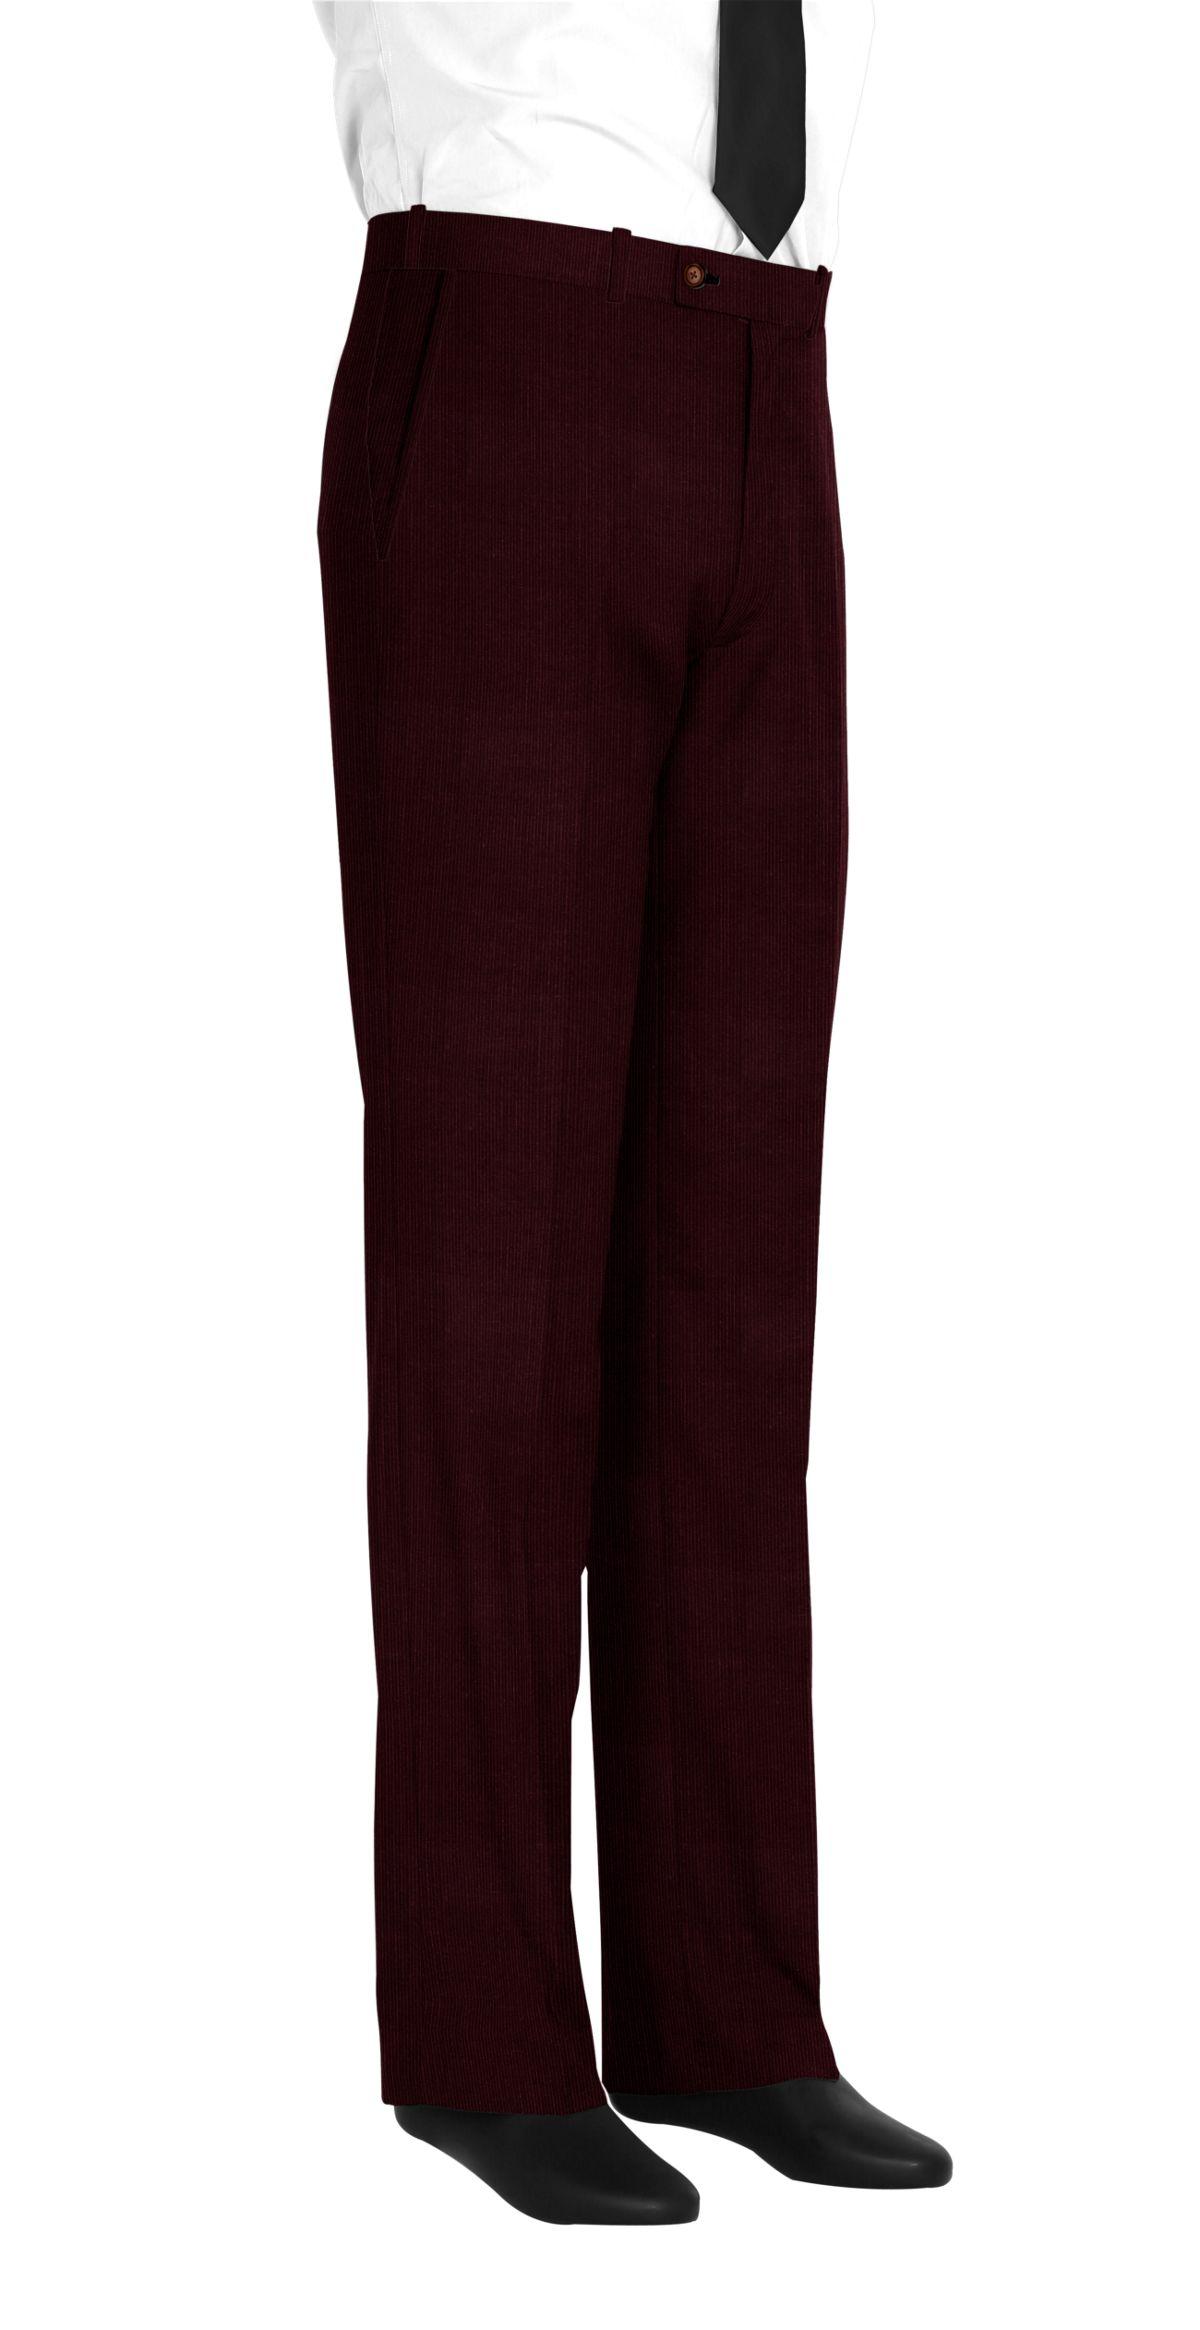 pantalon homme rouge uni tailor corner. Black Bedroom Furniture Sets. Home Design Ideas